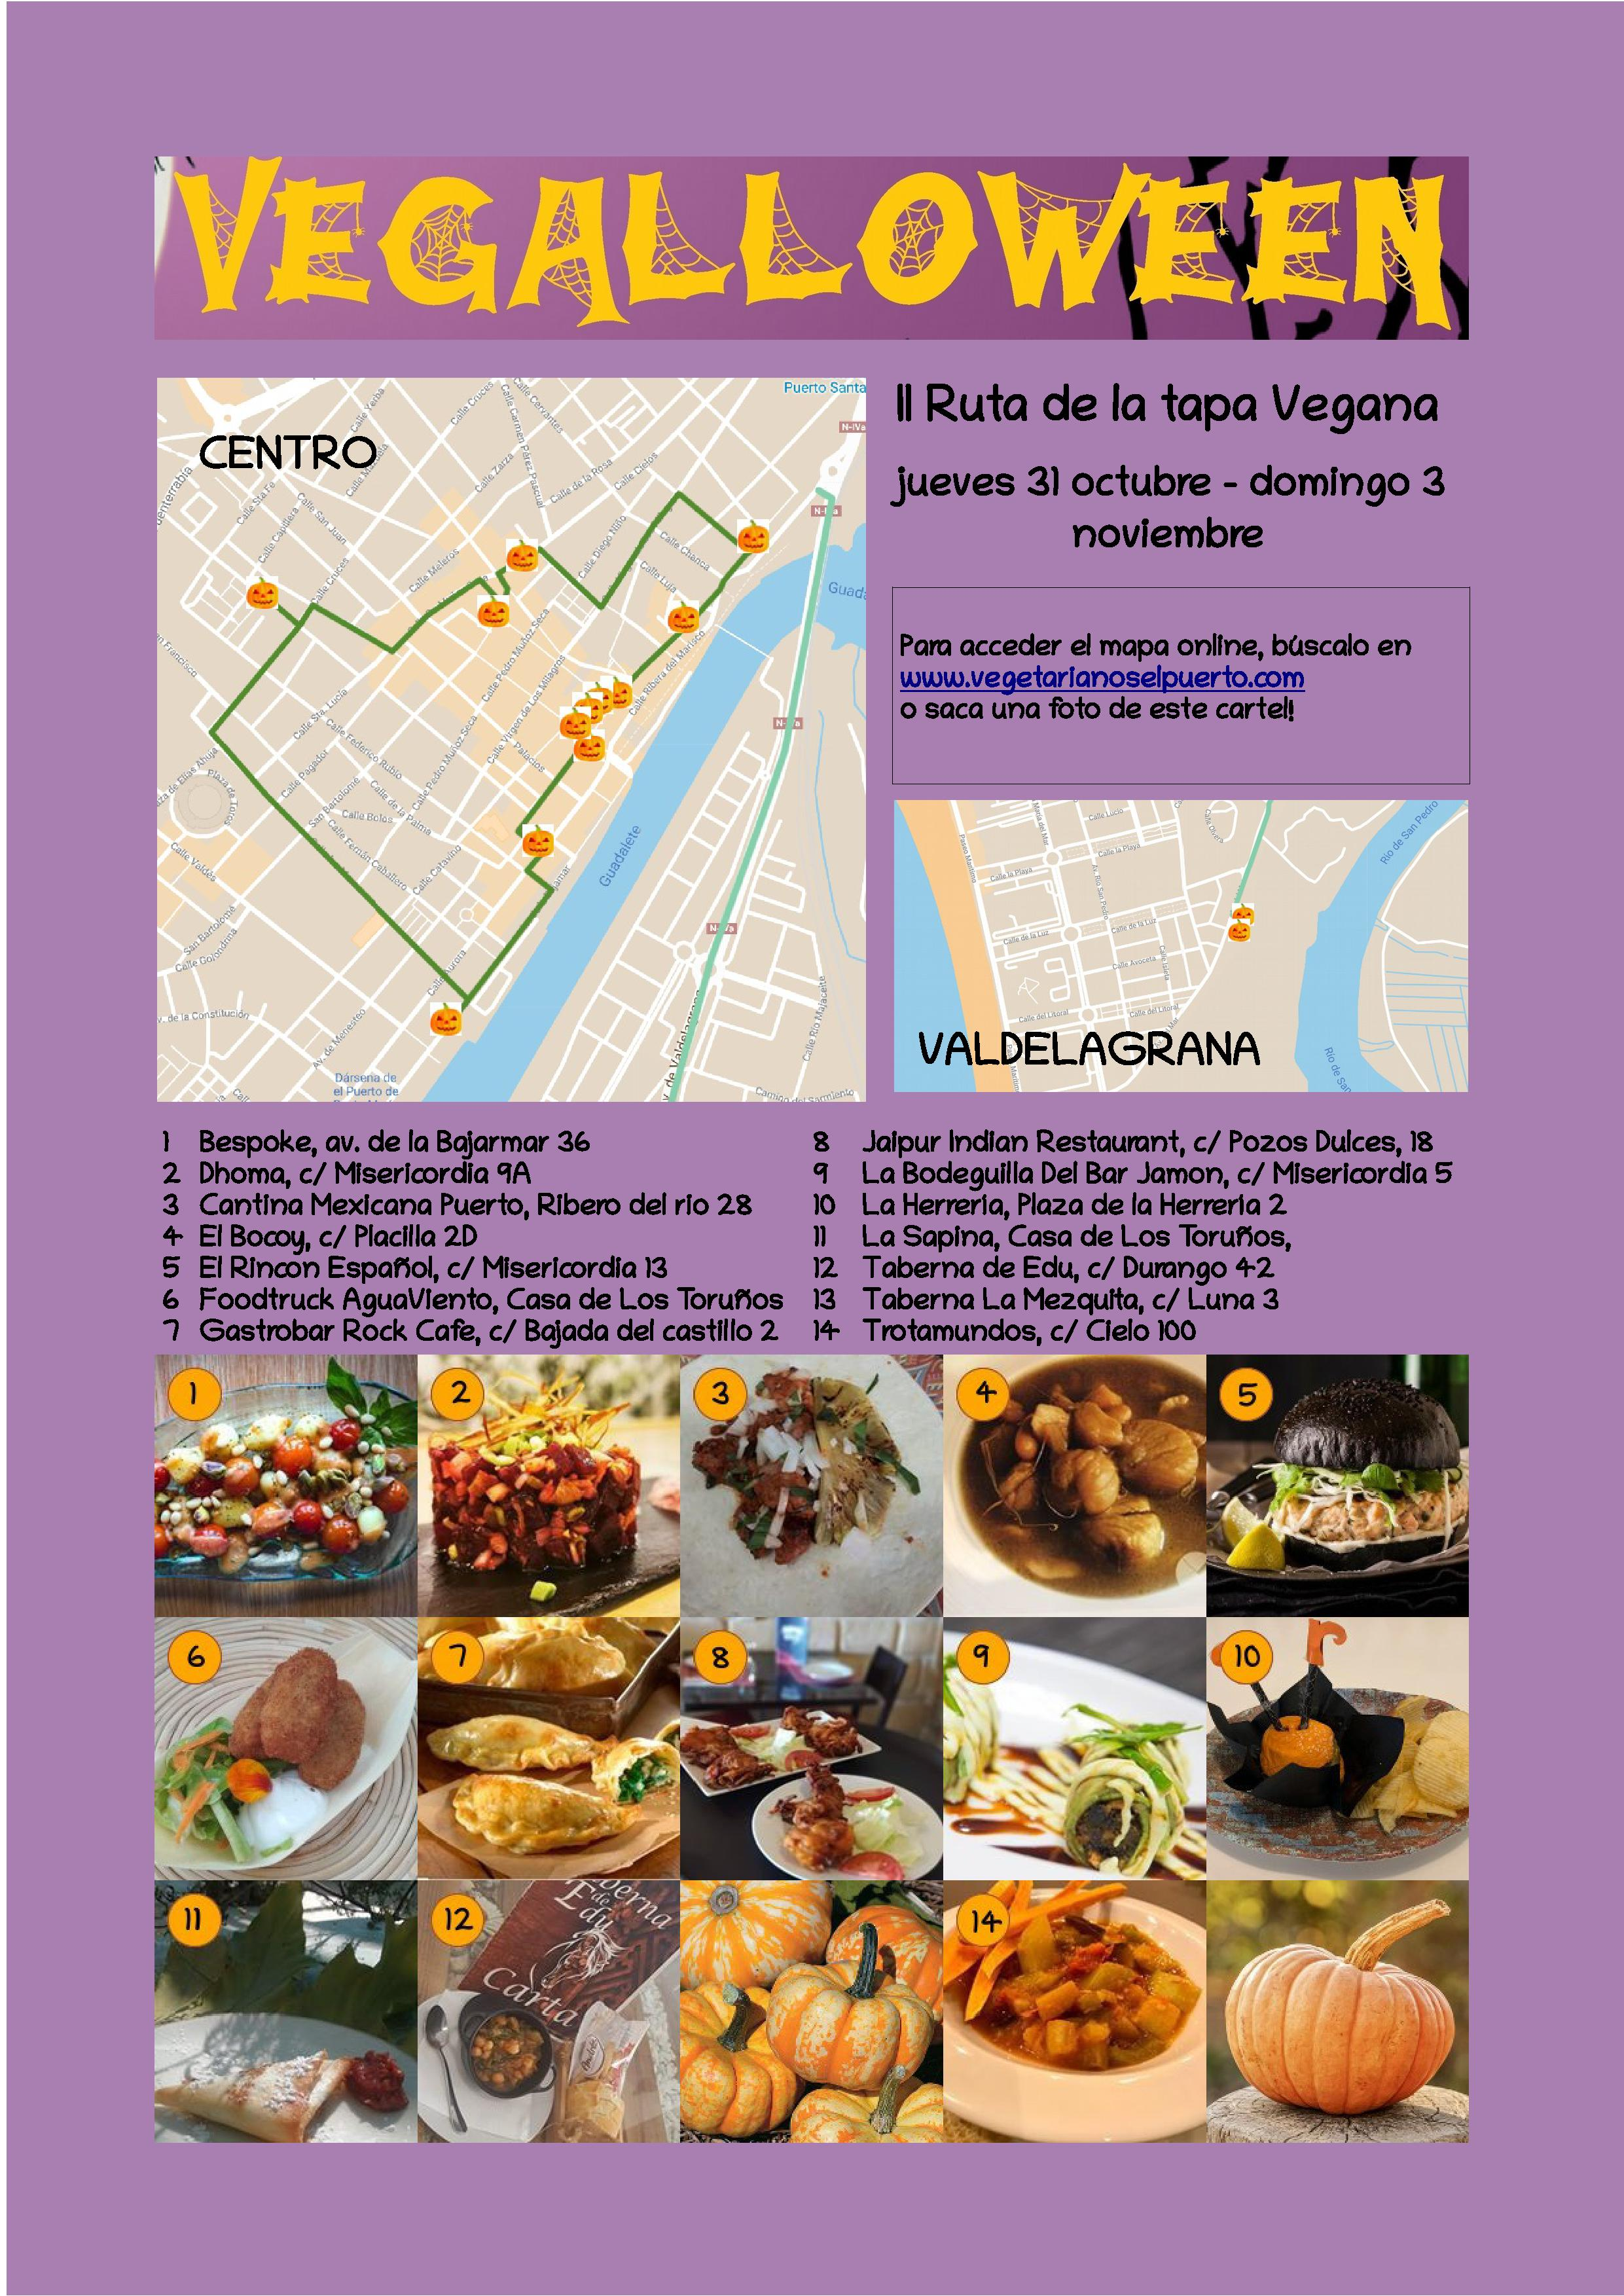 Vegalloween – el cartel del mapa